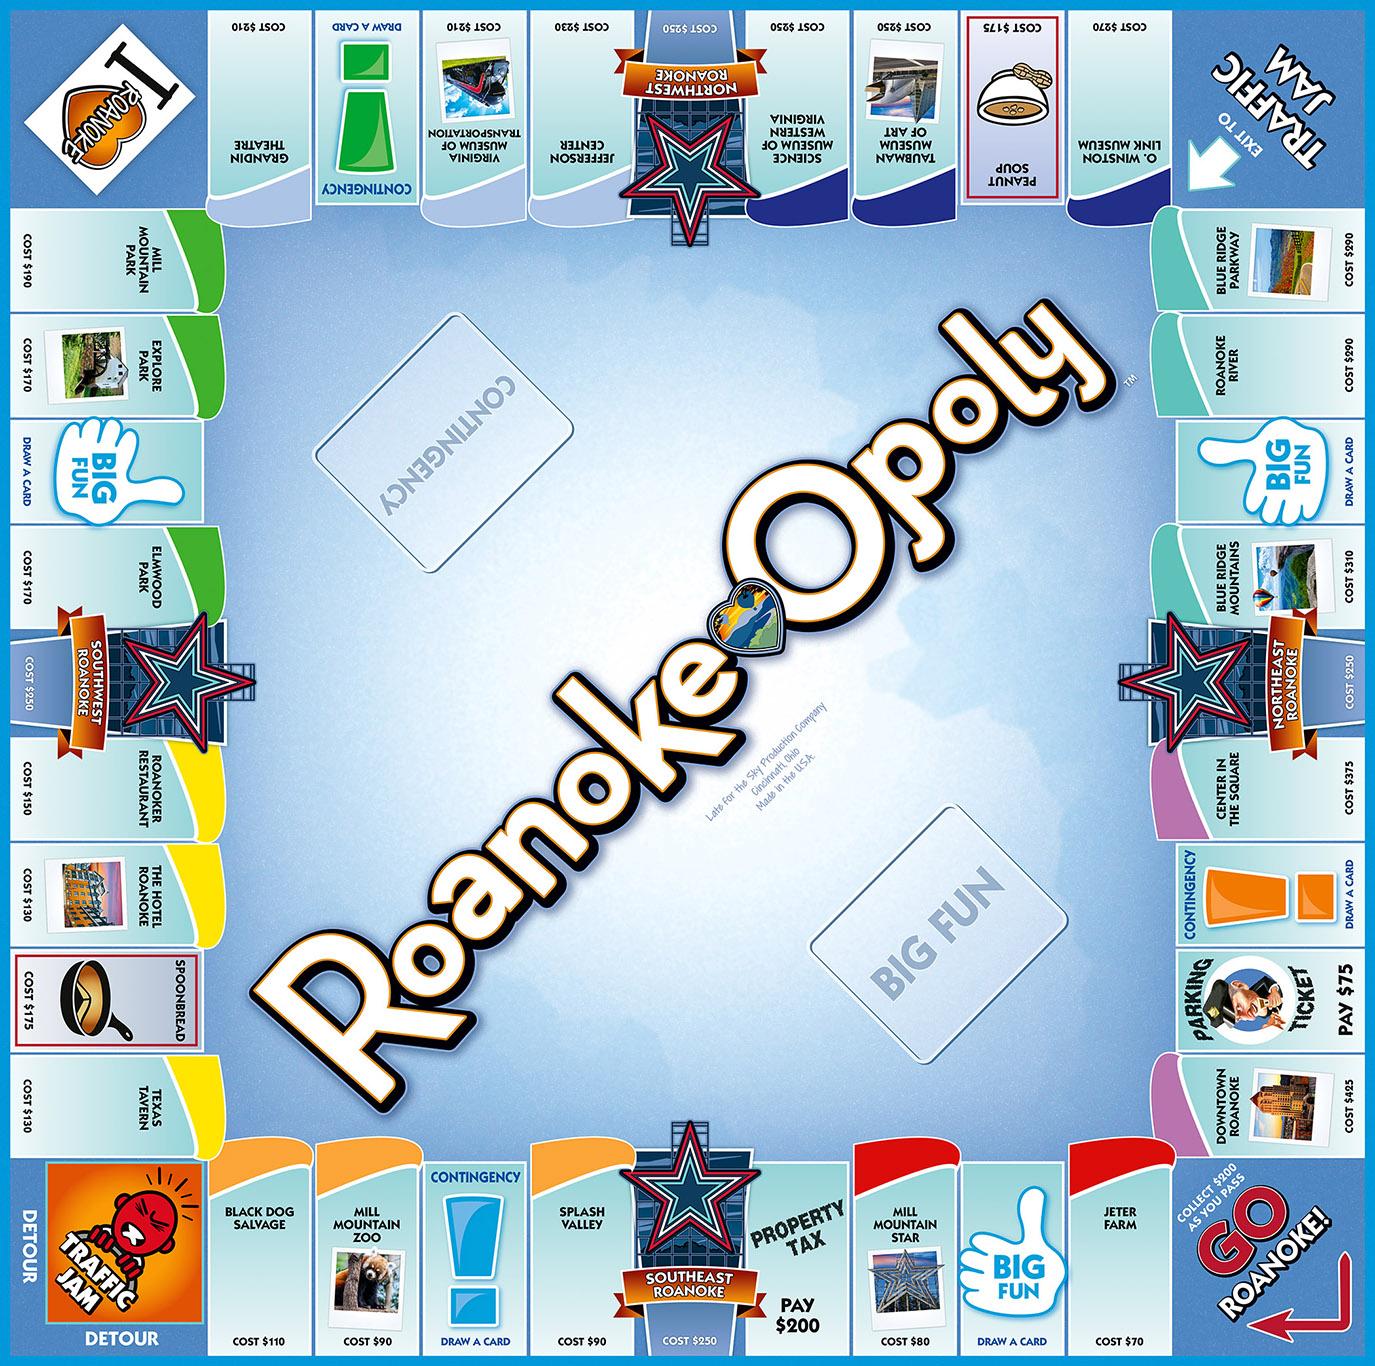 ROANOKE-OPOLY Board Game